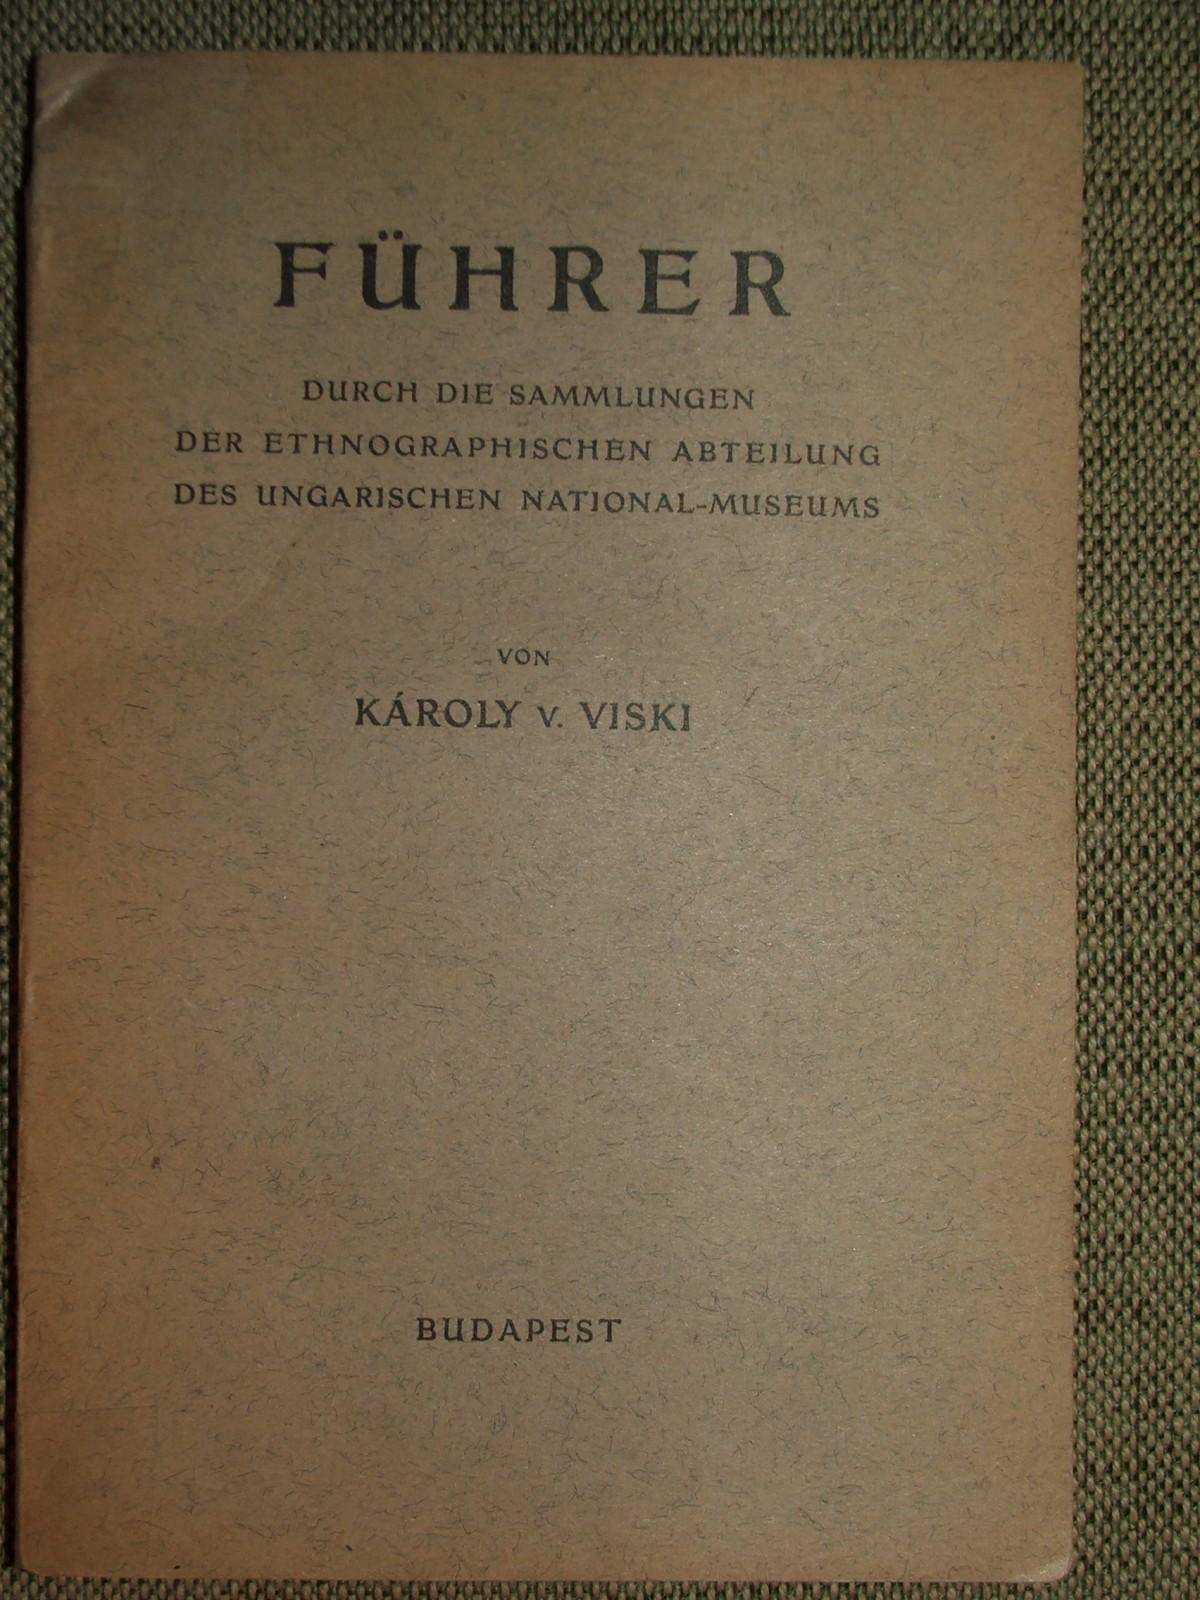 VISKI, Károly v.: FÜHRER durch die Sammlungen der Ethnographischen Abteilung des Ungarischen National-Museums